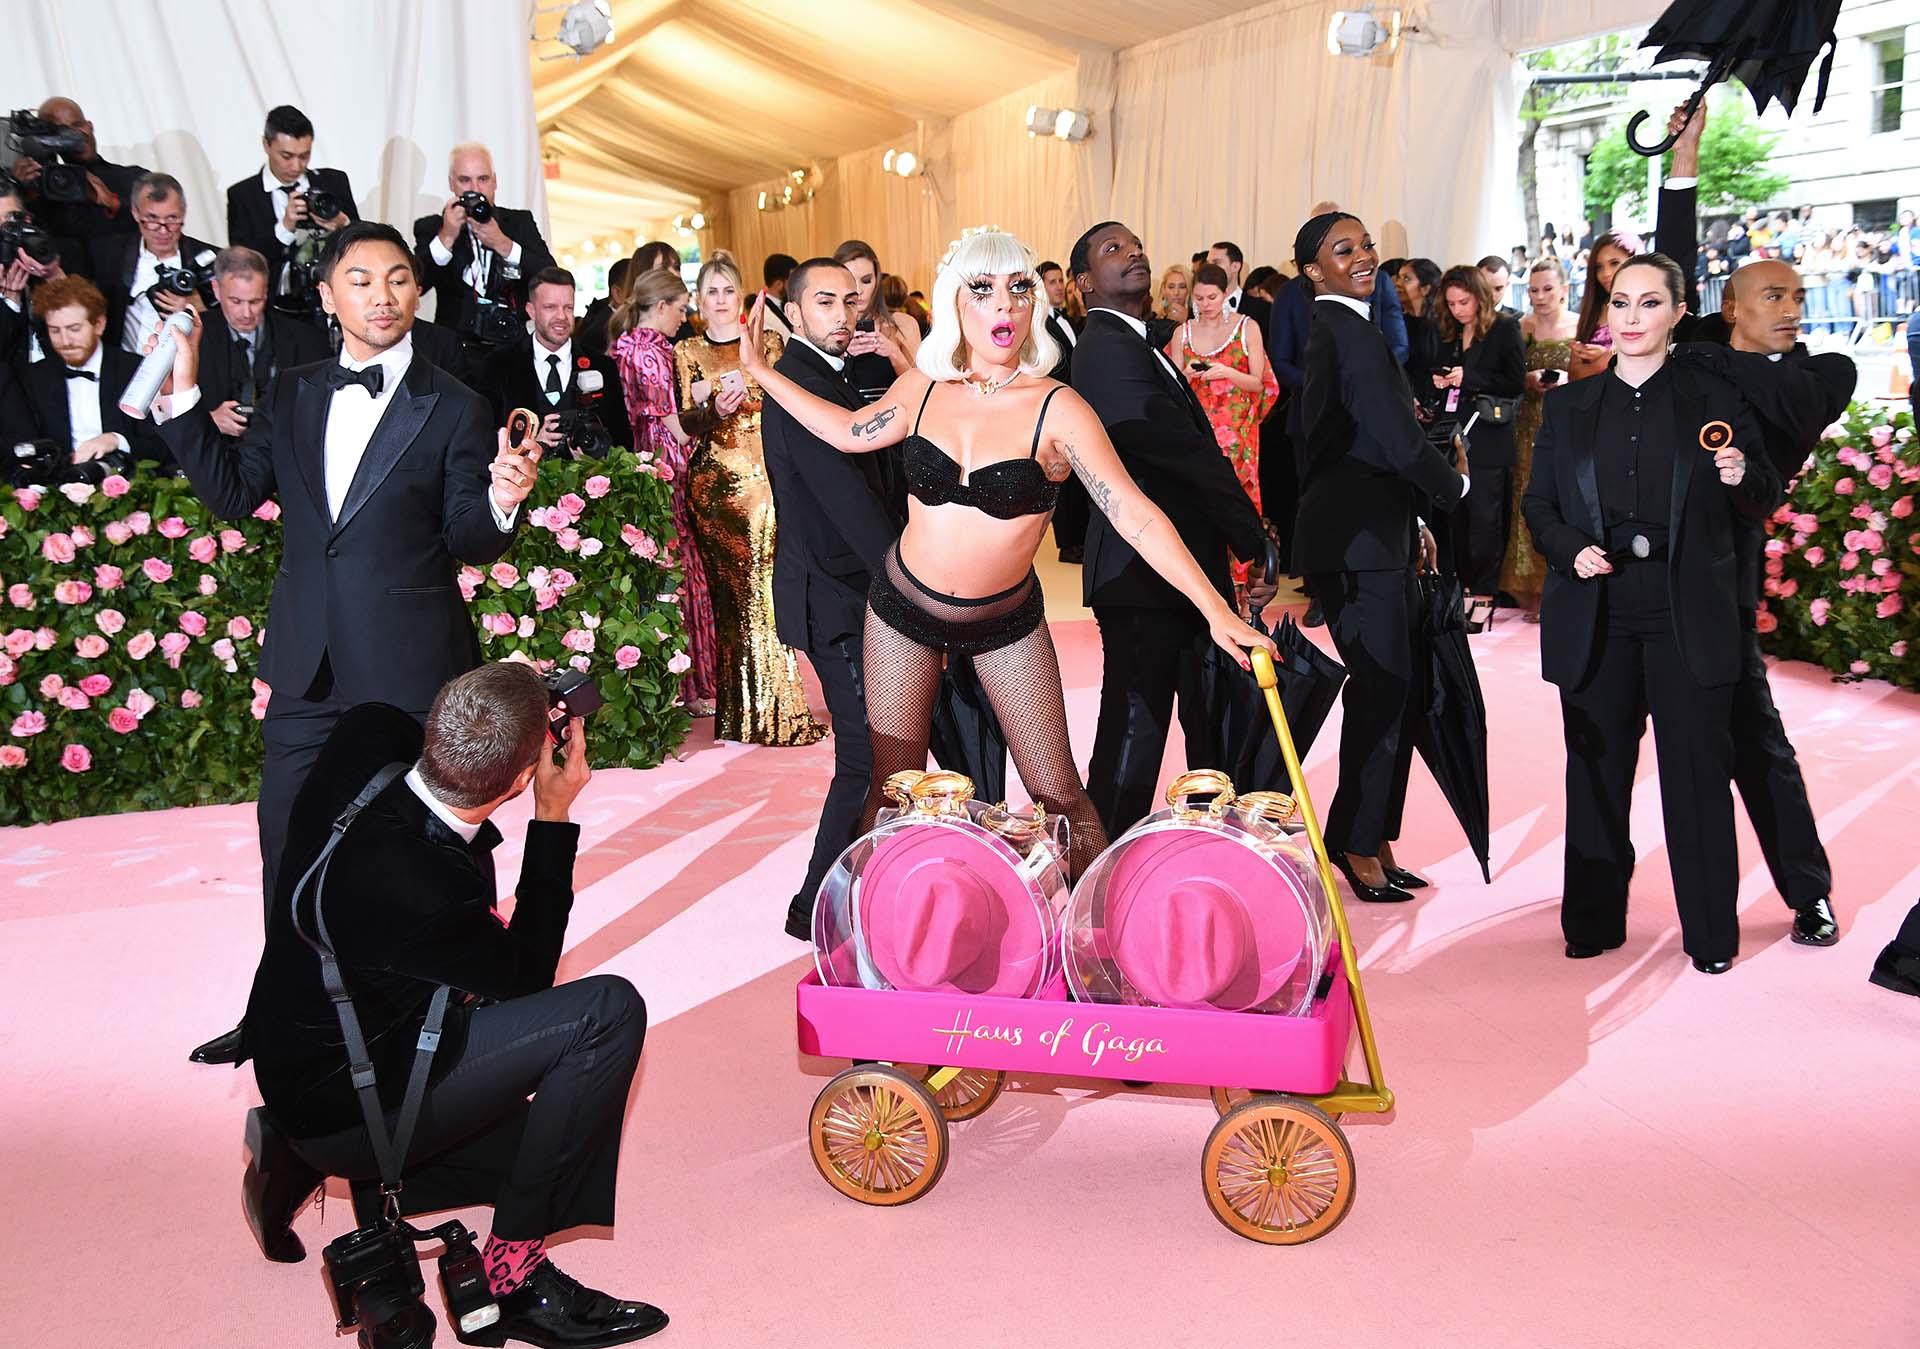 """Por supuesto, no sería un """"momento Lady Gaga"""" sin un poco de sensualidad; la cantante y actriz estadounidense se desnudó hasta lucir un conjunto de ropa interior negro con brillantes para captar las miradas de los espectadores"""